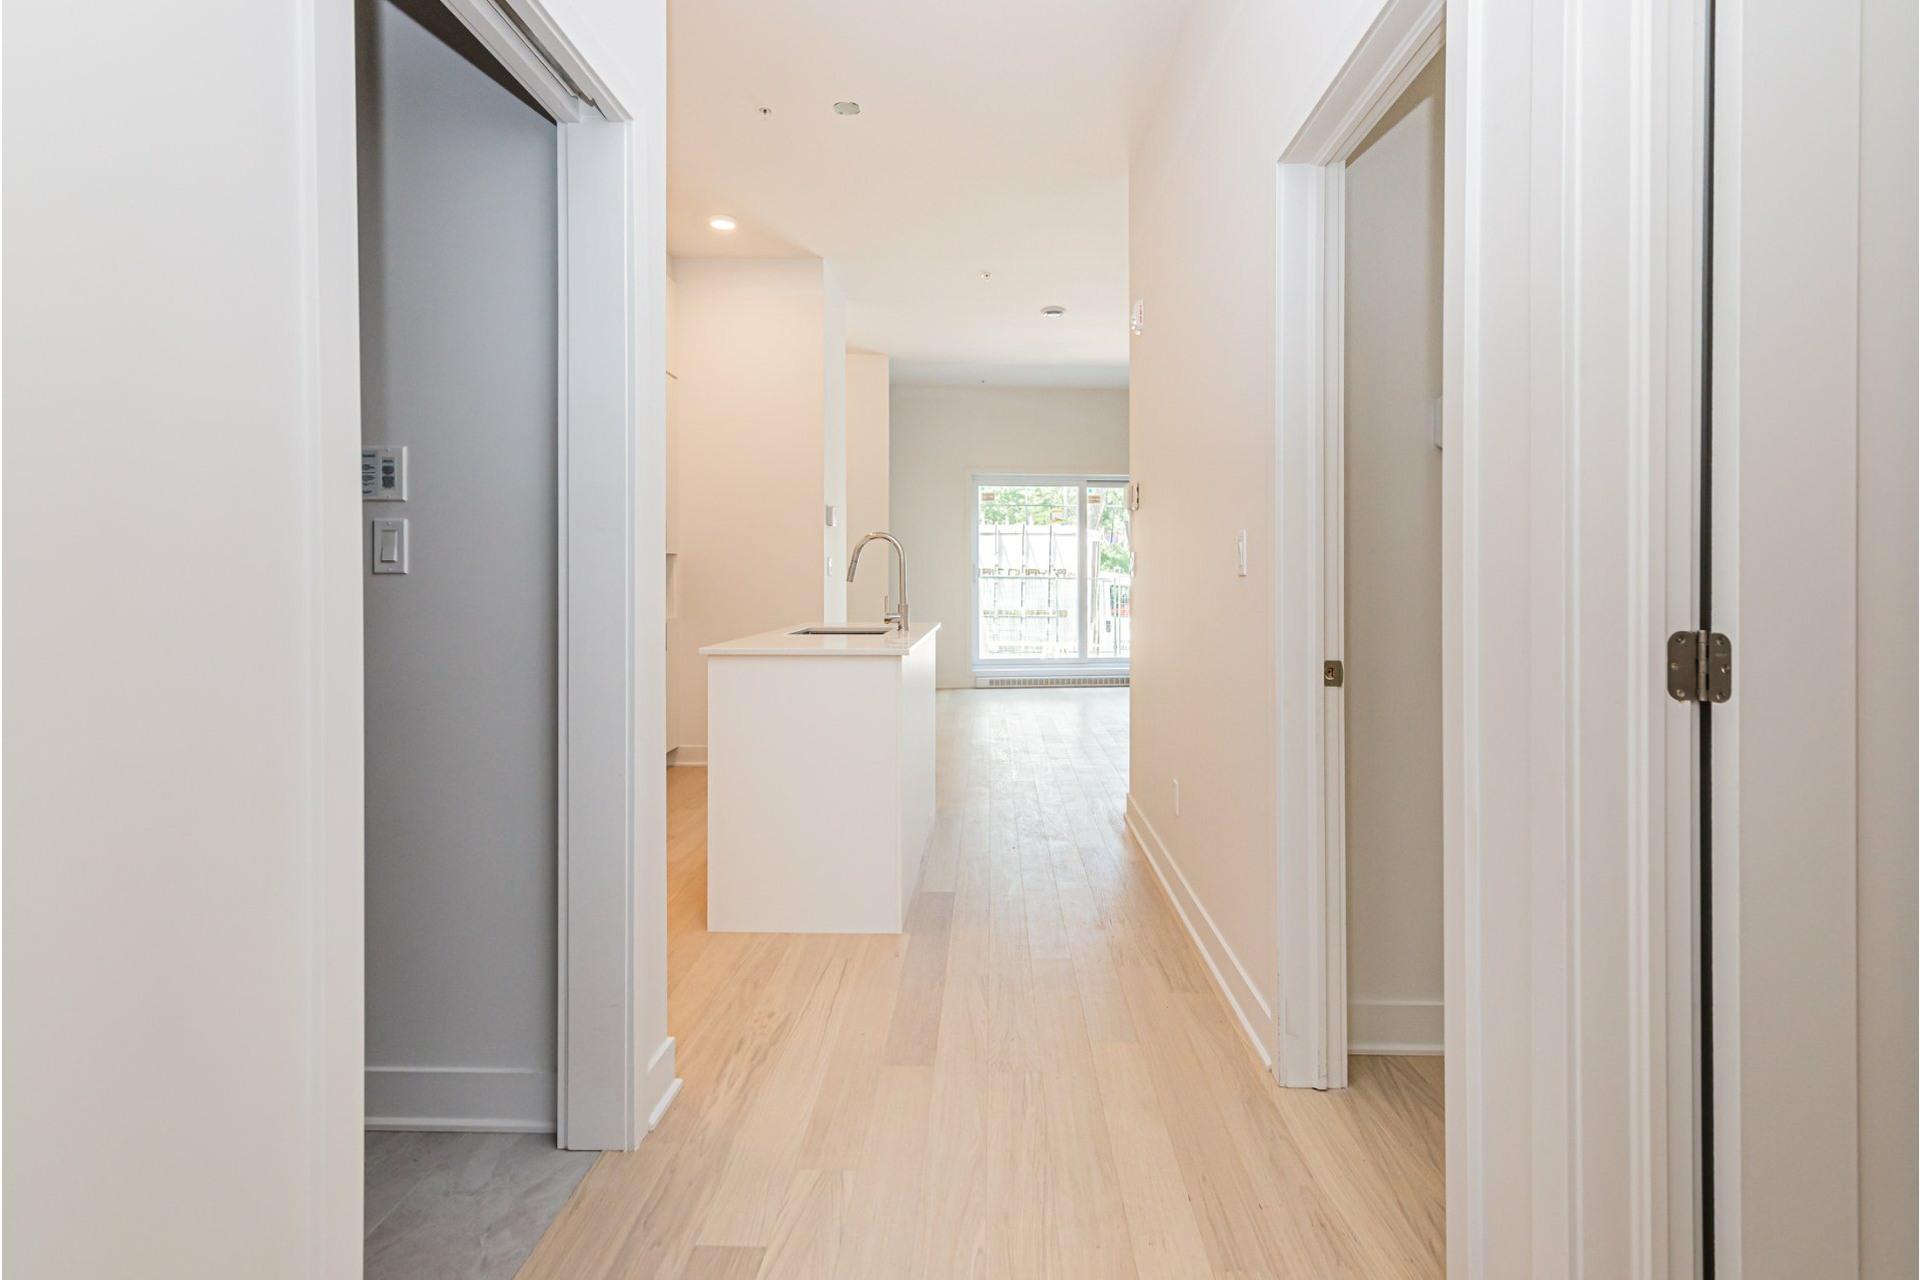 image 10 - Apartment For sale Rosemont/La Petite-Patrie Montréal  - 5 rooms